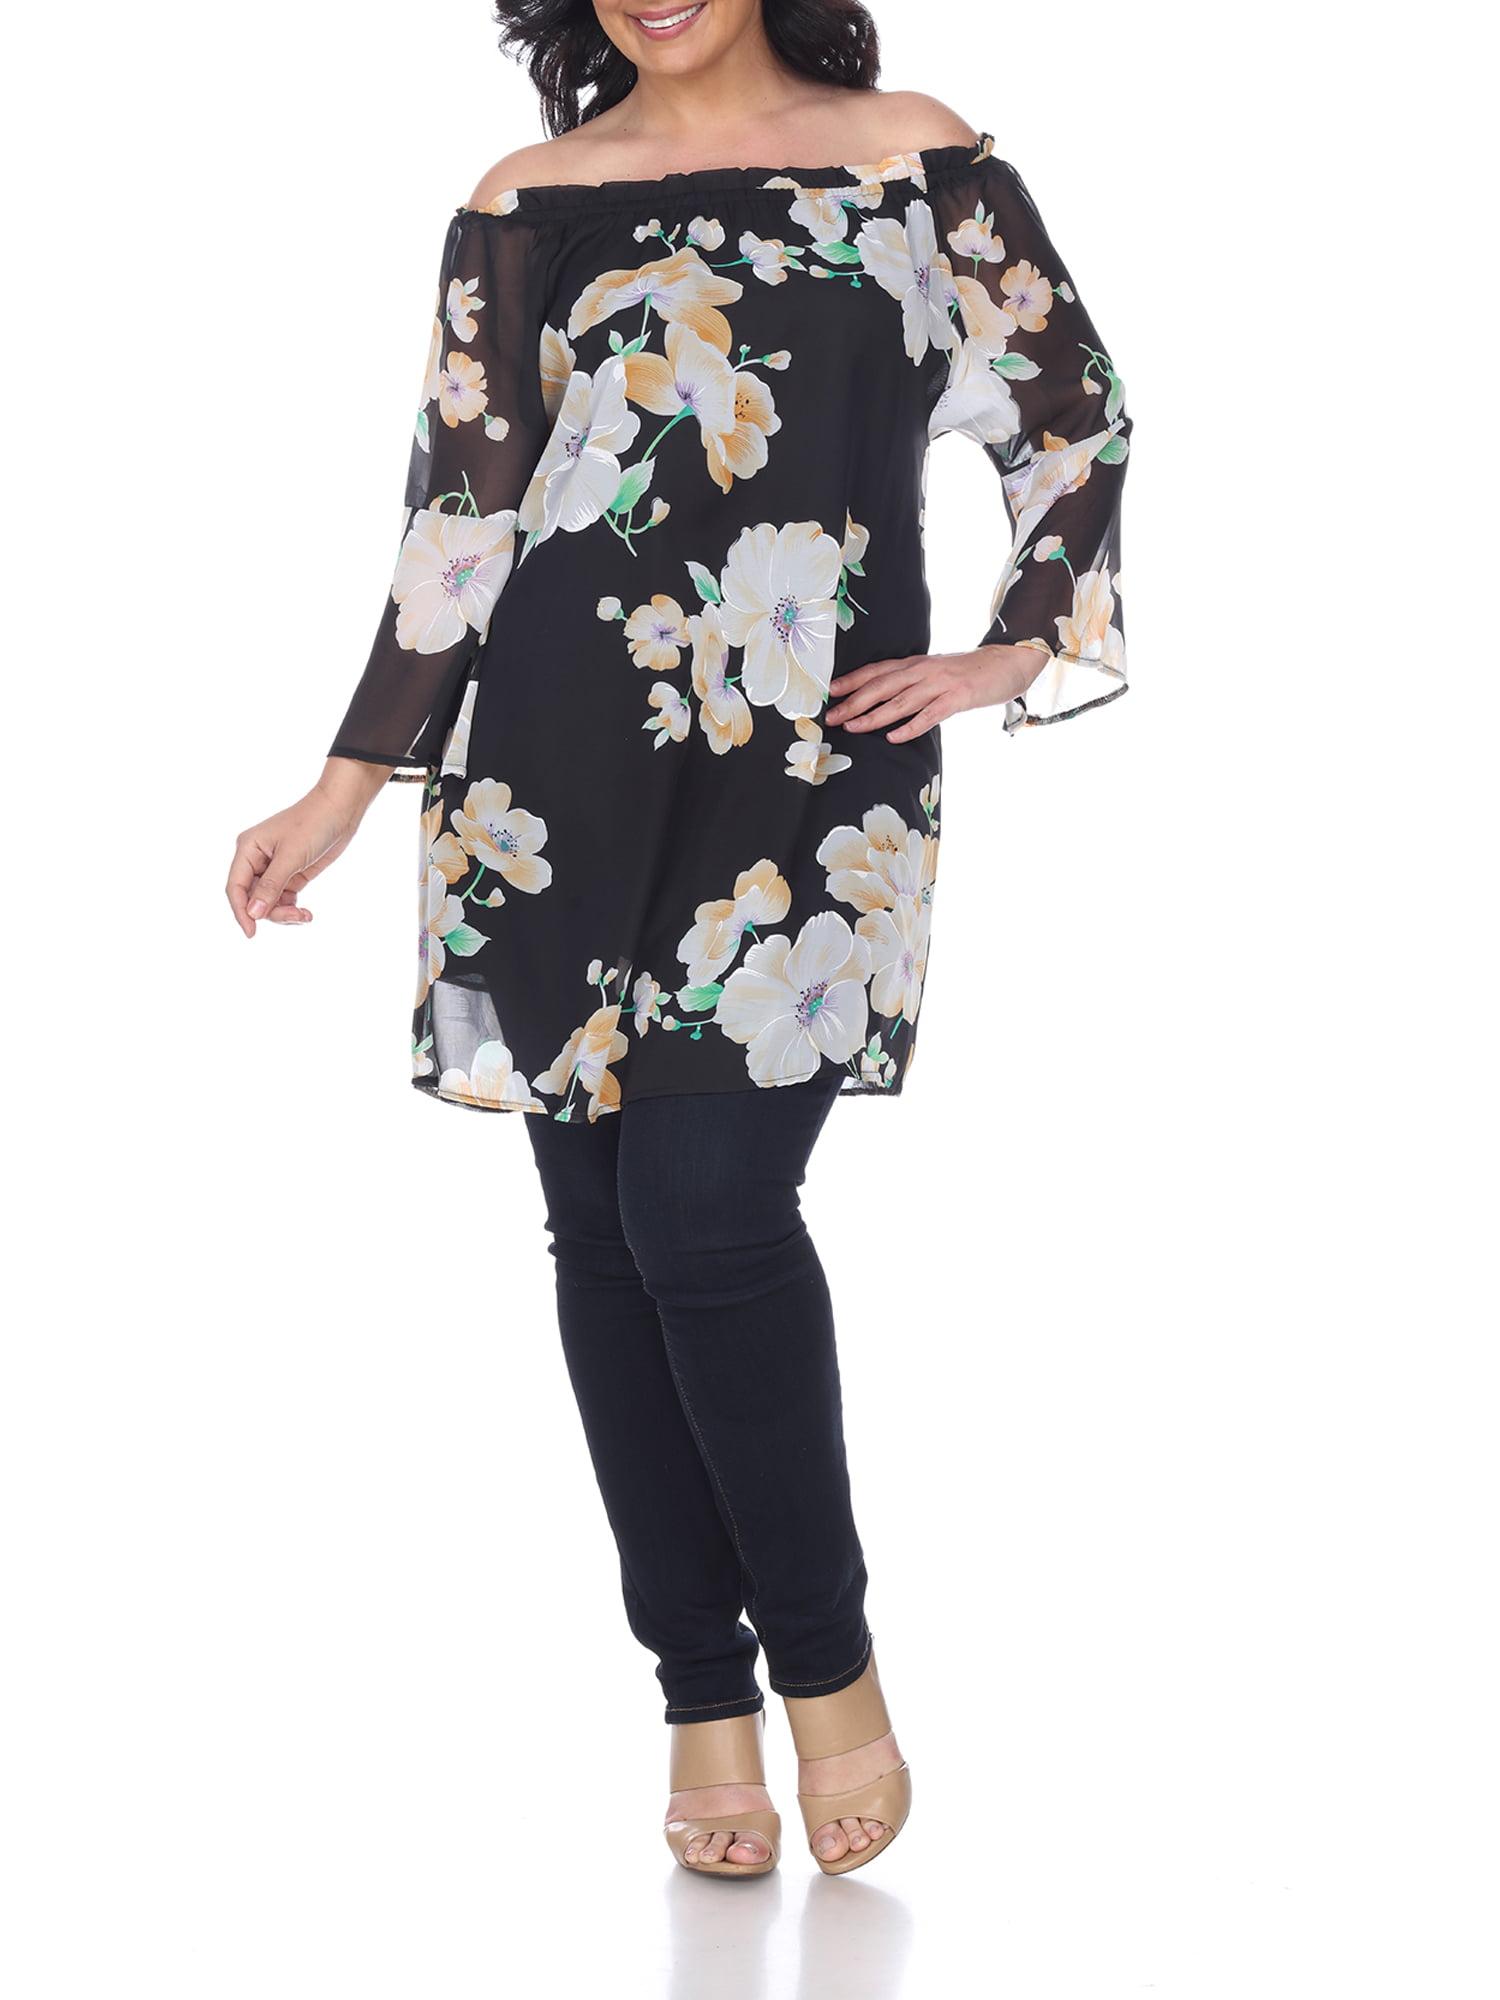 Women's Plus Size Floral Print Off Shoulder Tunic Top